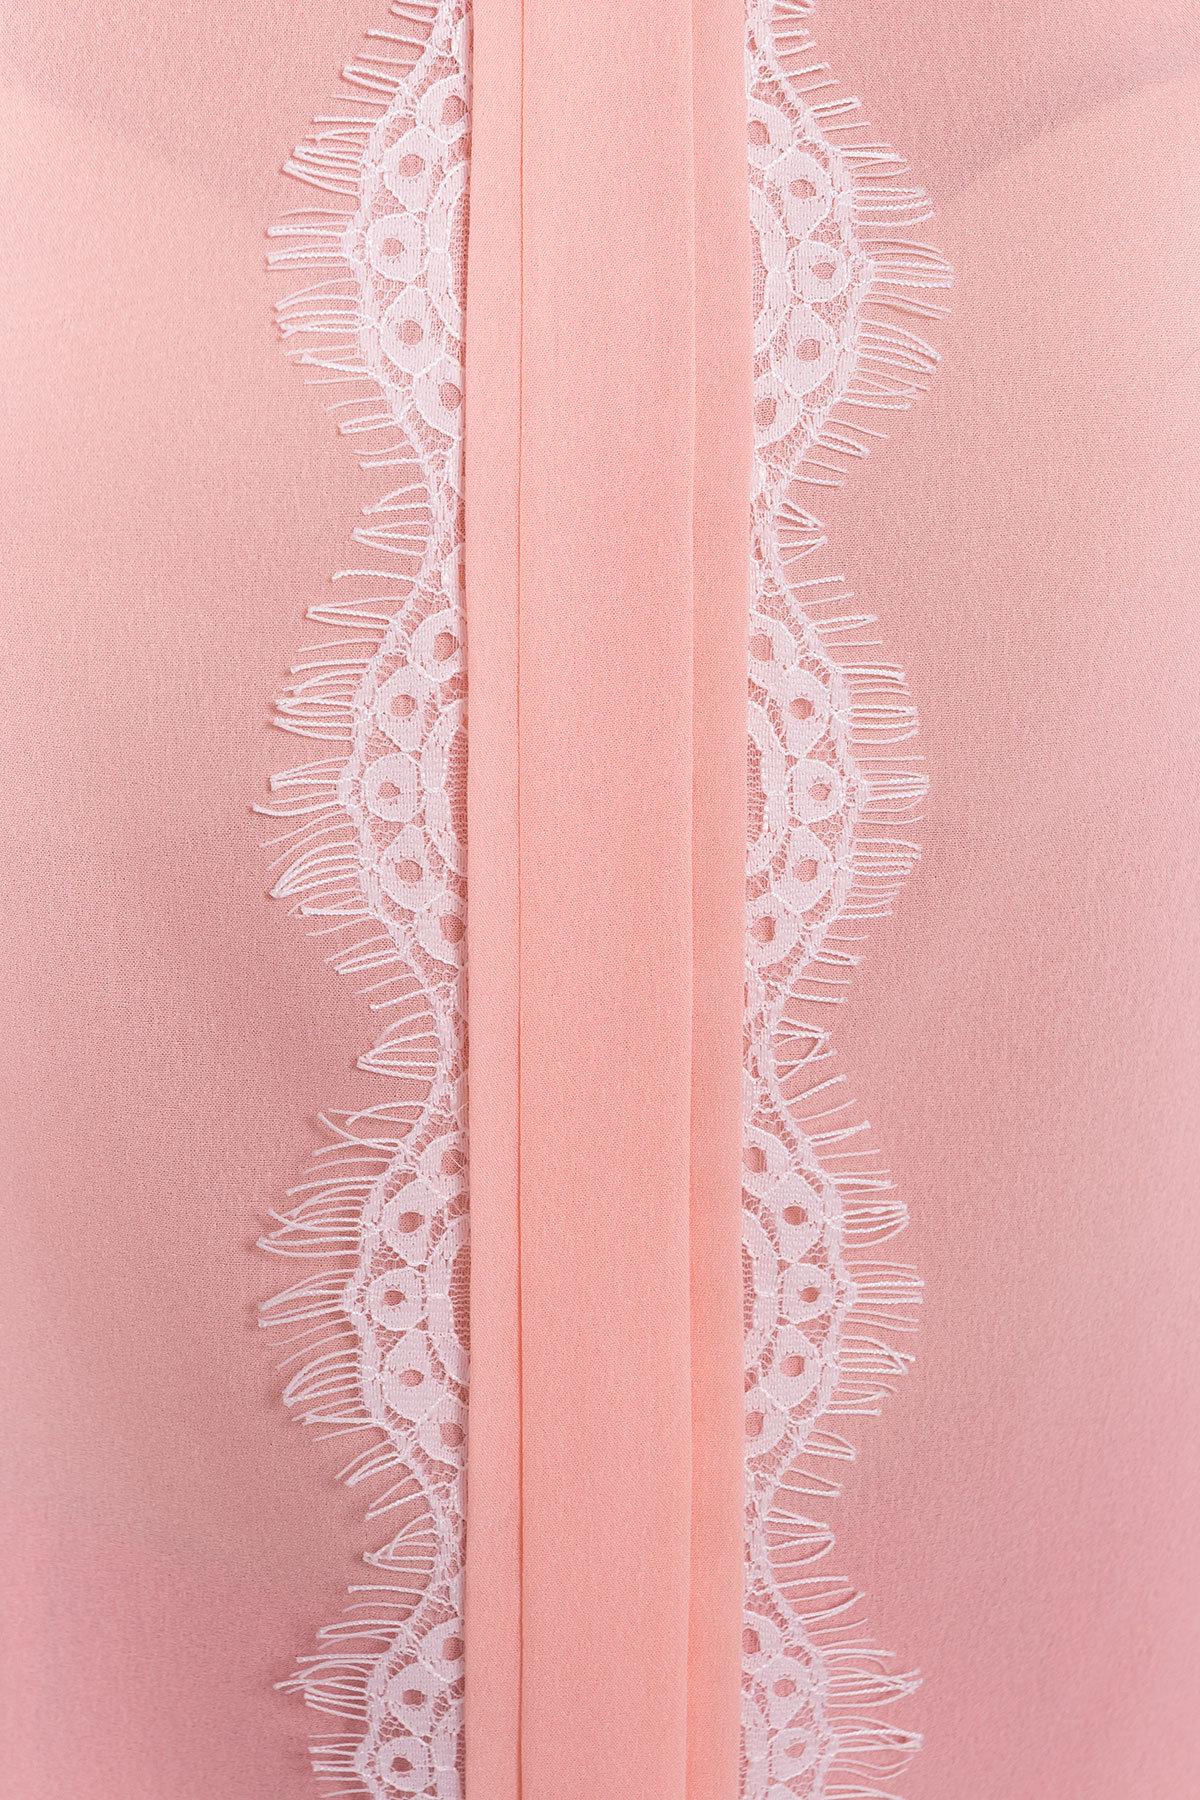 Блуза Милара Х 5146 Цвет: Пудра